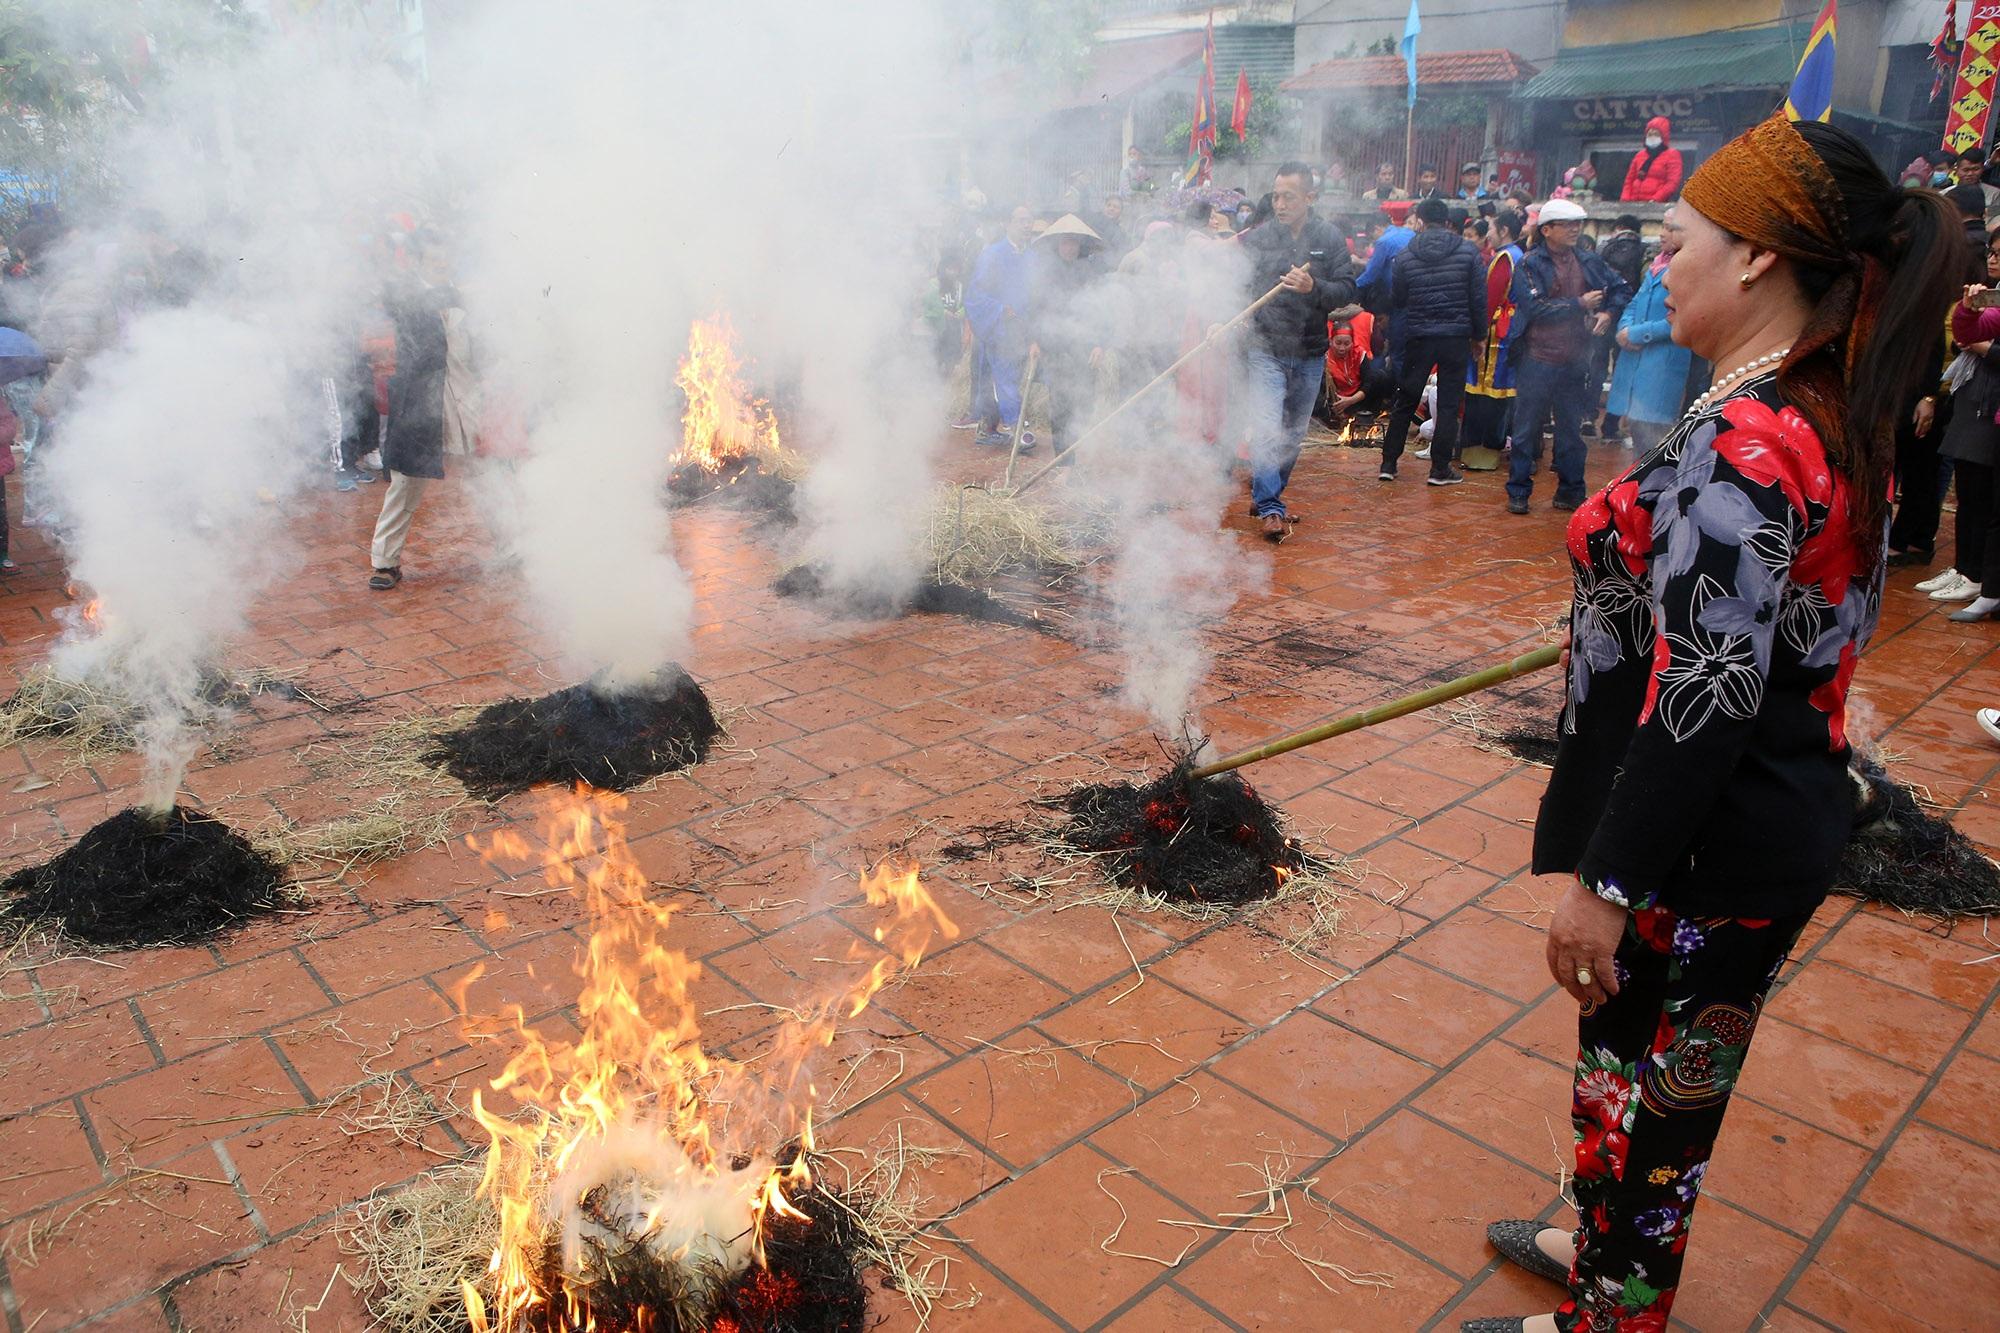 Hình ảnh đặc biệt trong lễ thổi cơm cổ xưa ít phút trước lệnh cấm vì virus corona - 9